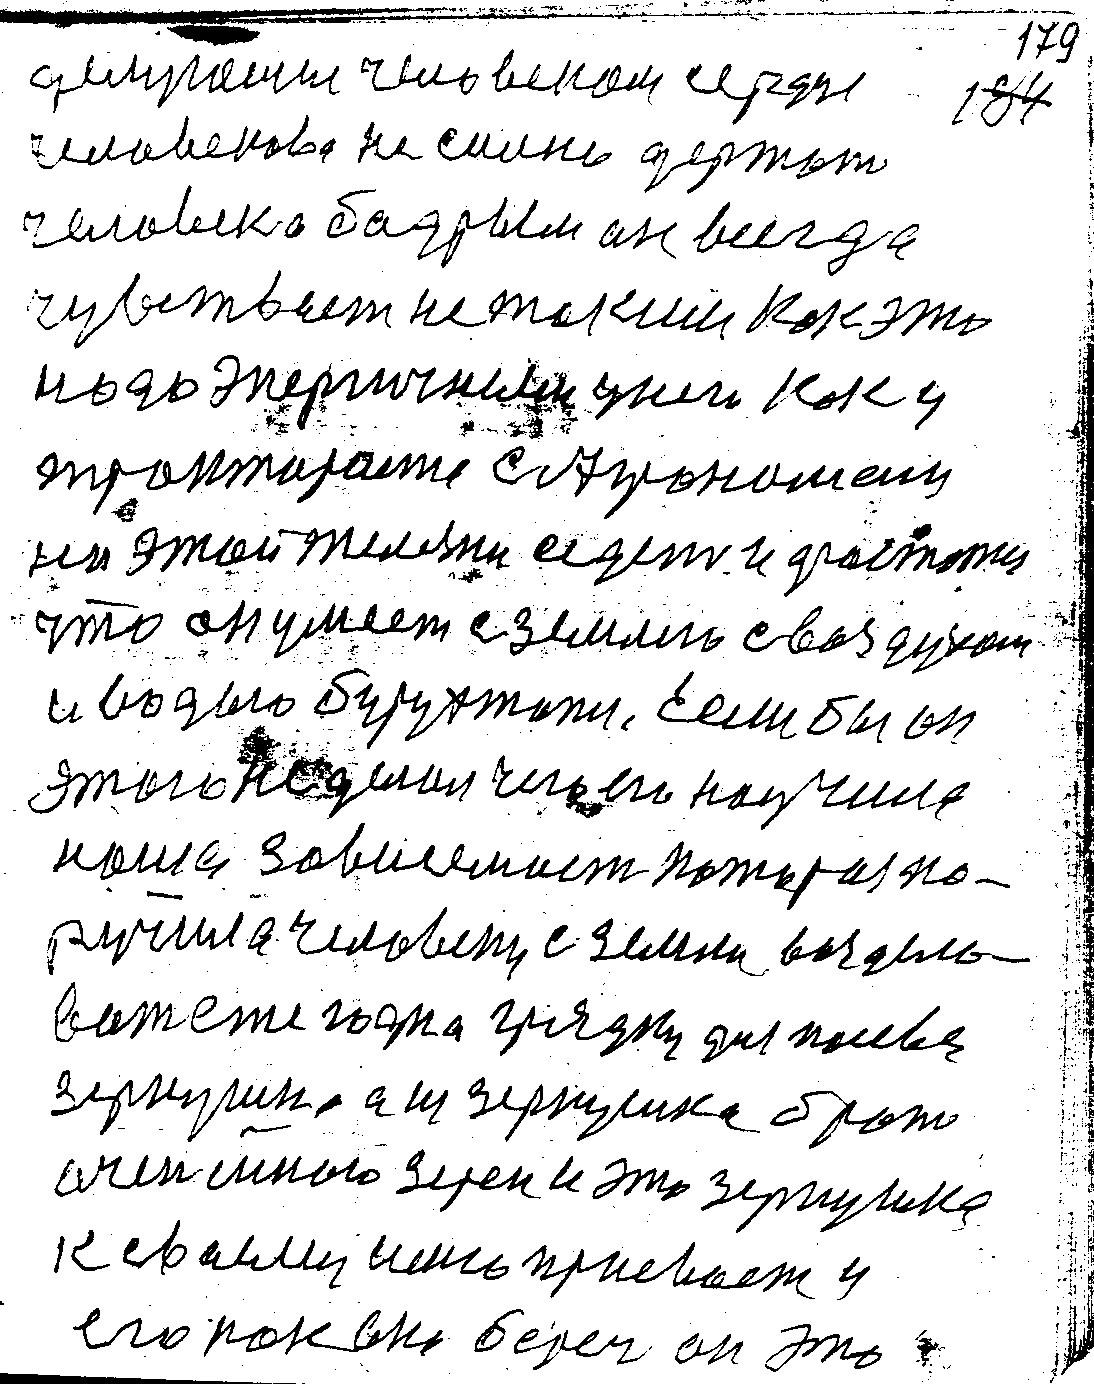 Str179.jpg